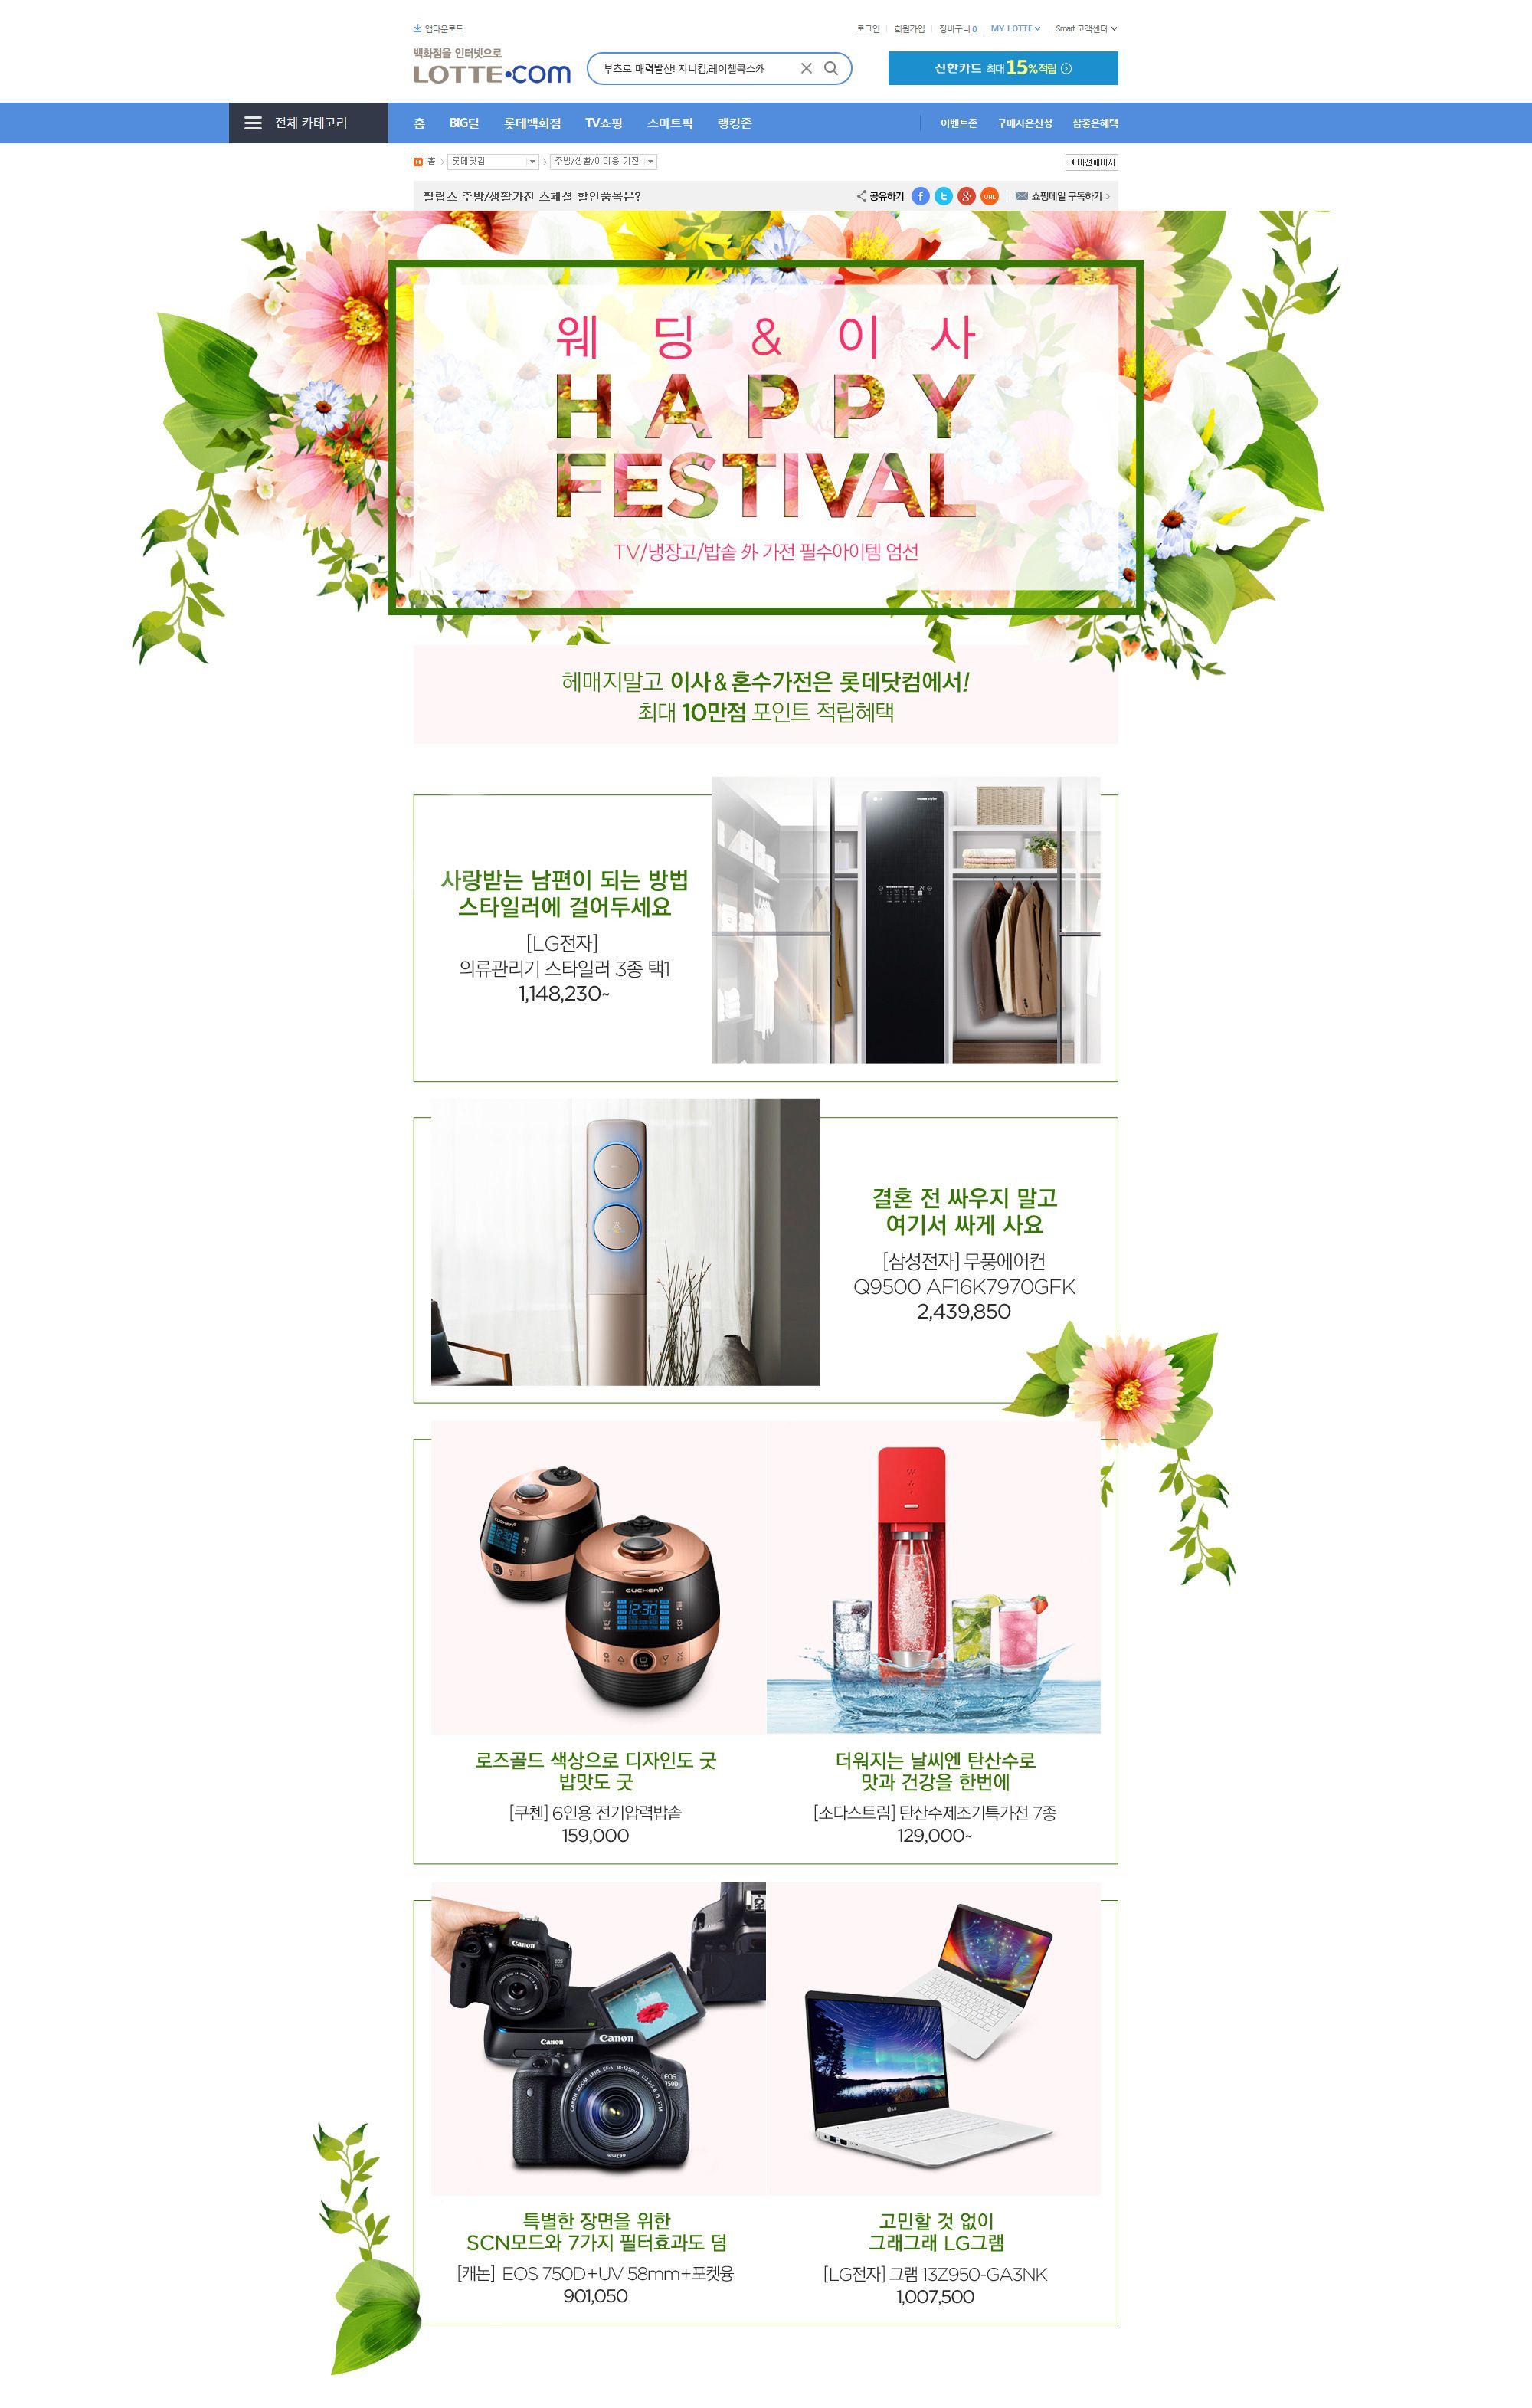 [롯데닷컴] 웨딩&이사 HAPPY FESTIVAL  Designed by정민애